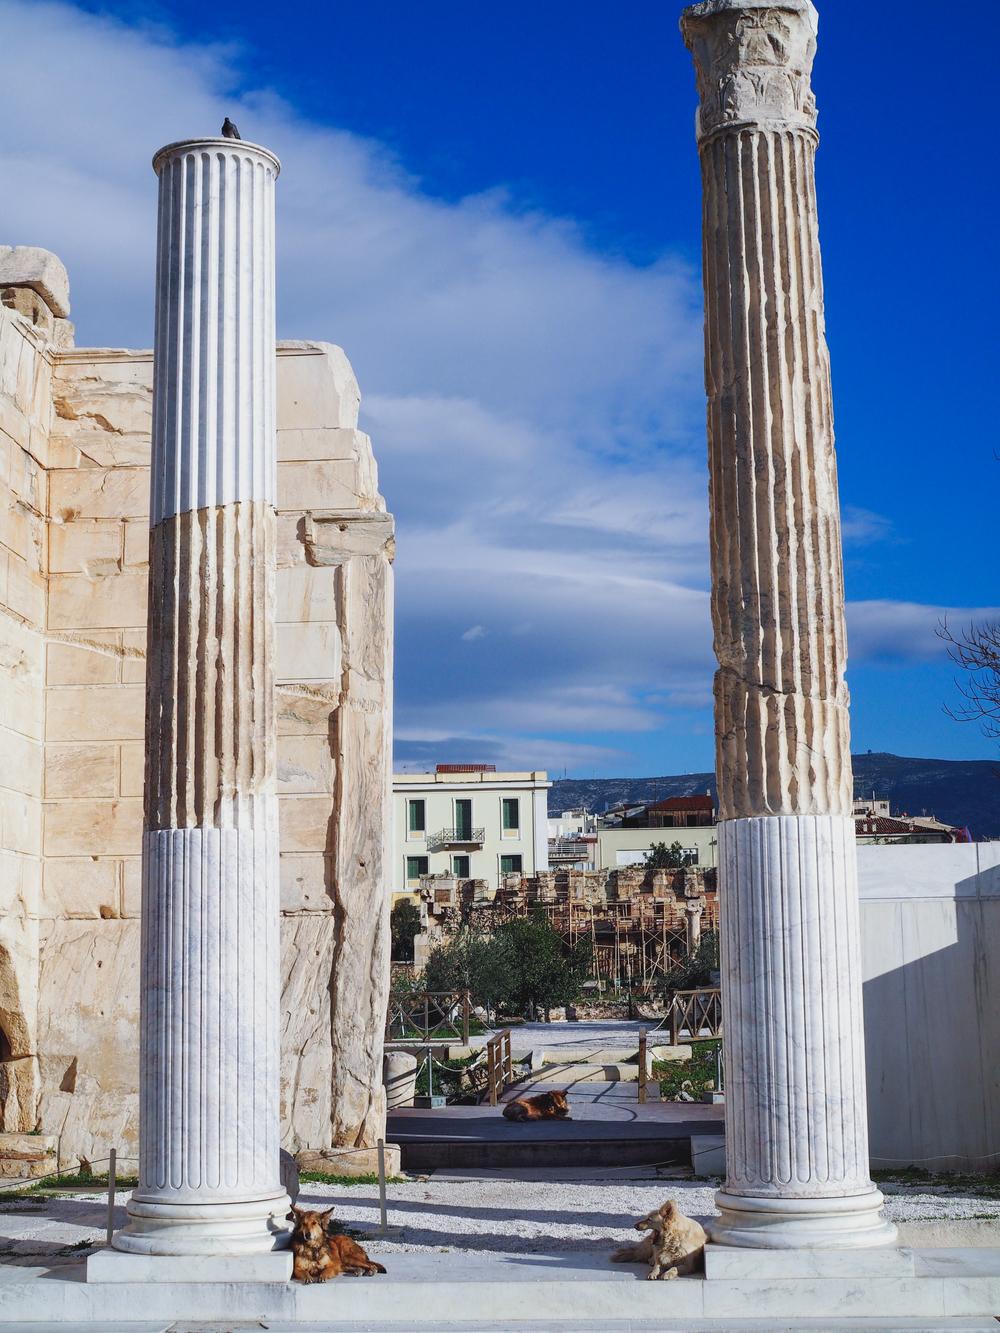 athens-greece-photo-diary-3-14